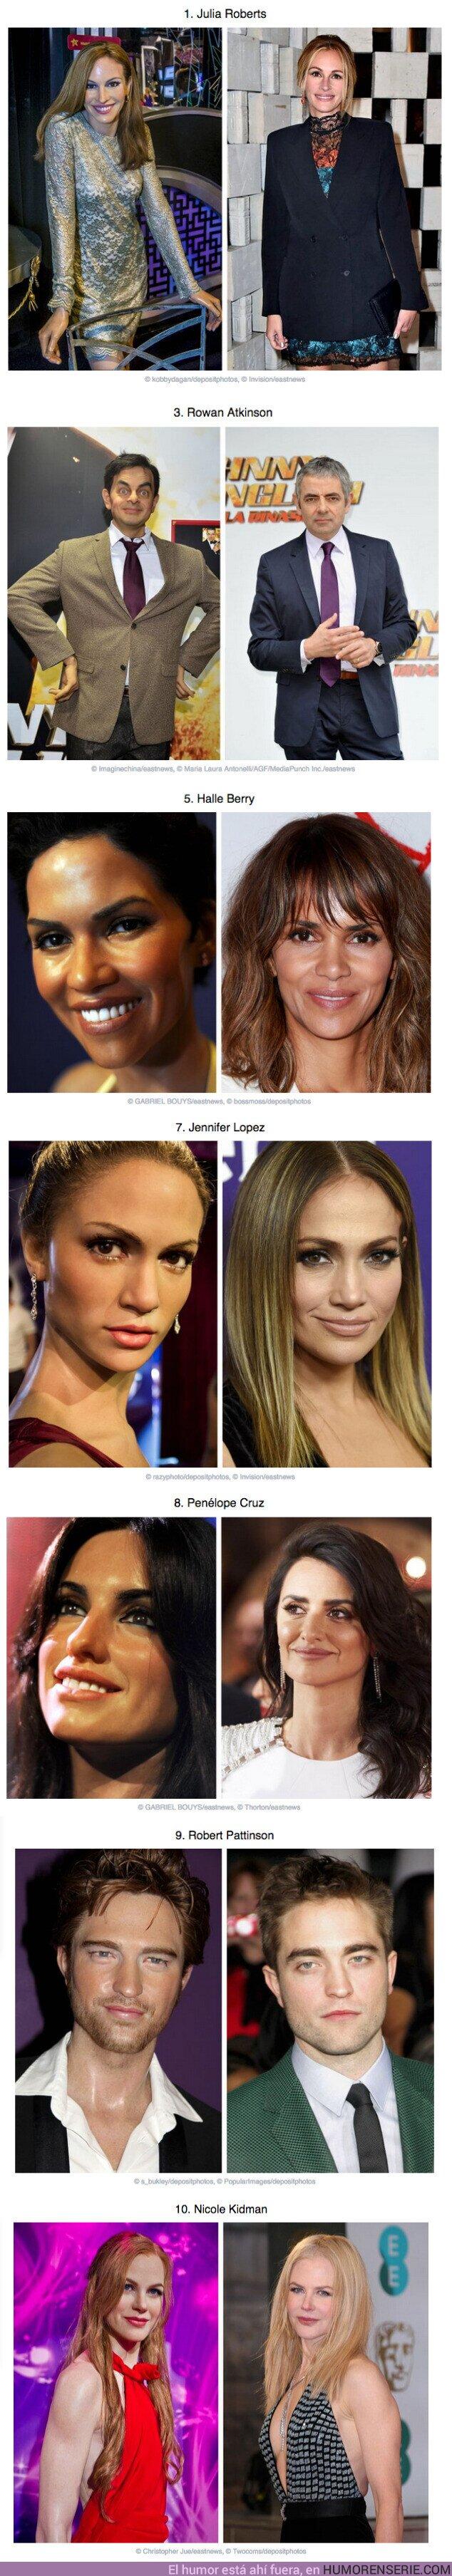 58748 - GALERÍA: 7 Figuras de cera de famosos que jamás adivinarías quiénes son si no fuera por su descripción